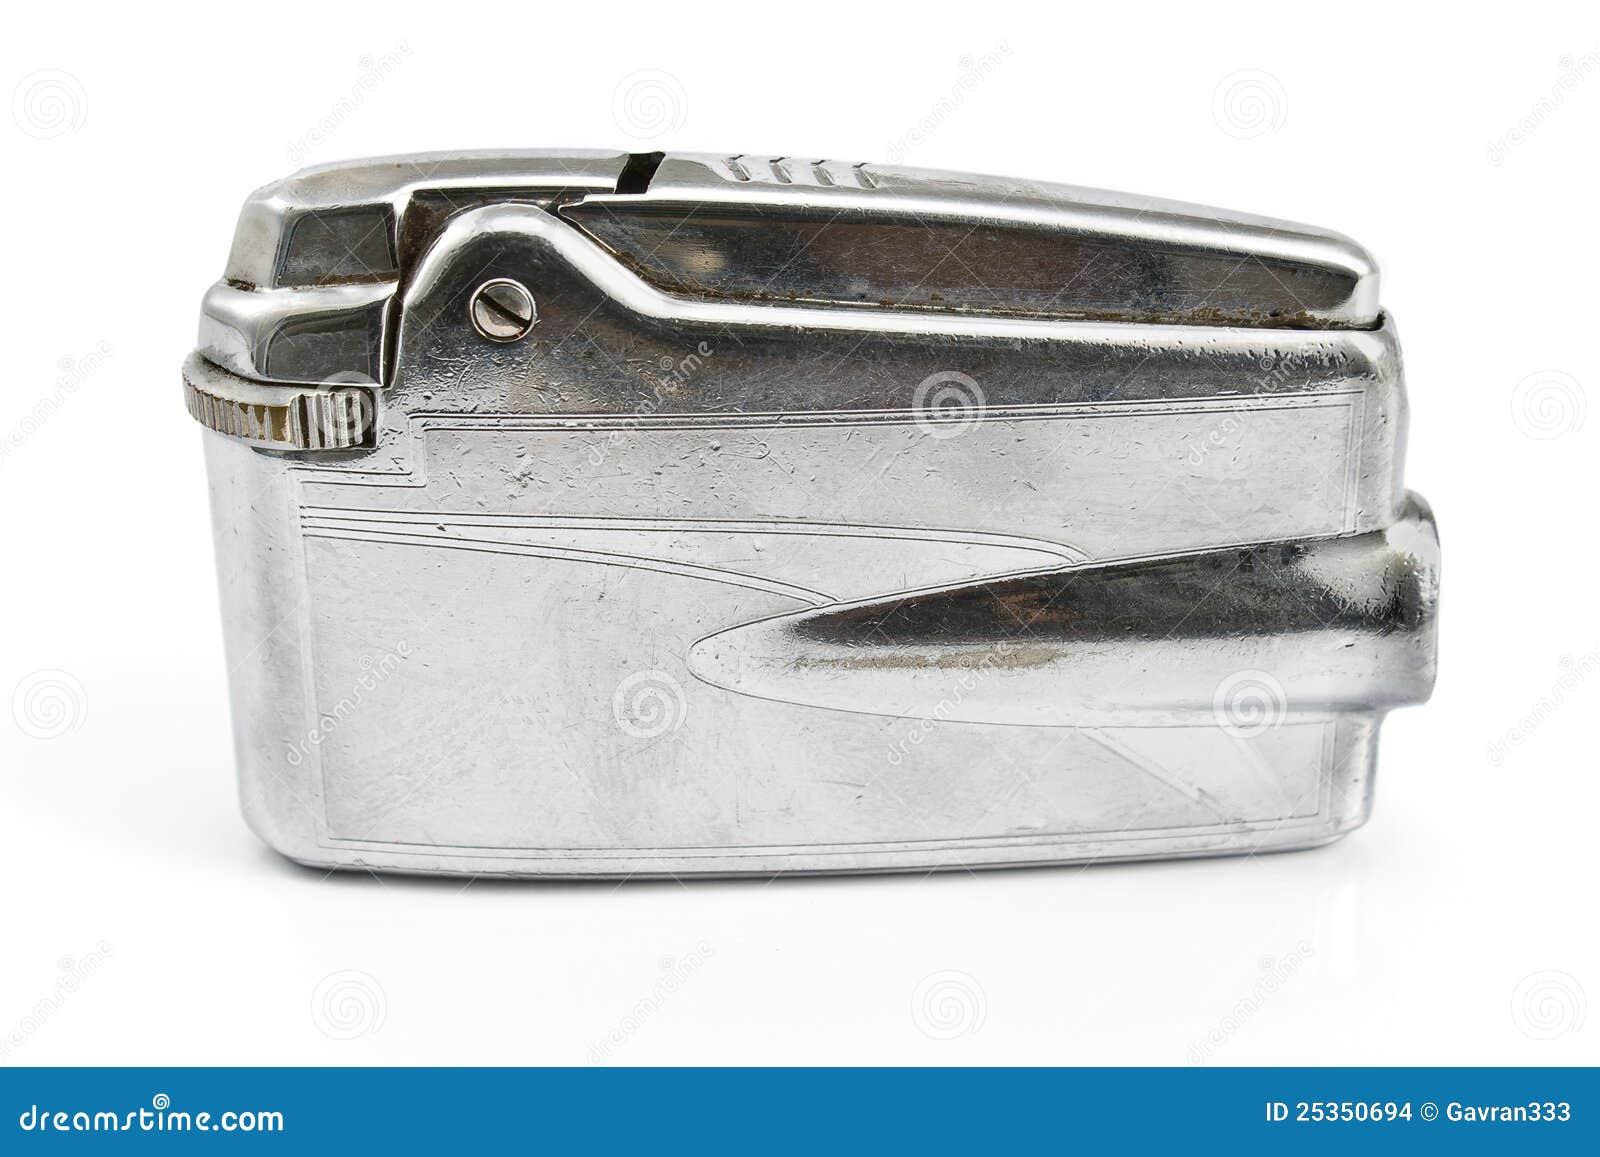 Vintage Cigarette Lighter Stock Images - Image: 25350694